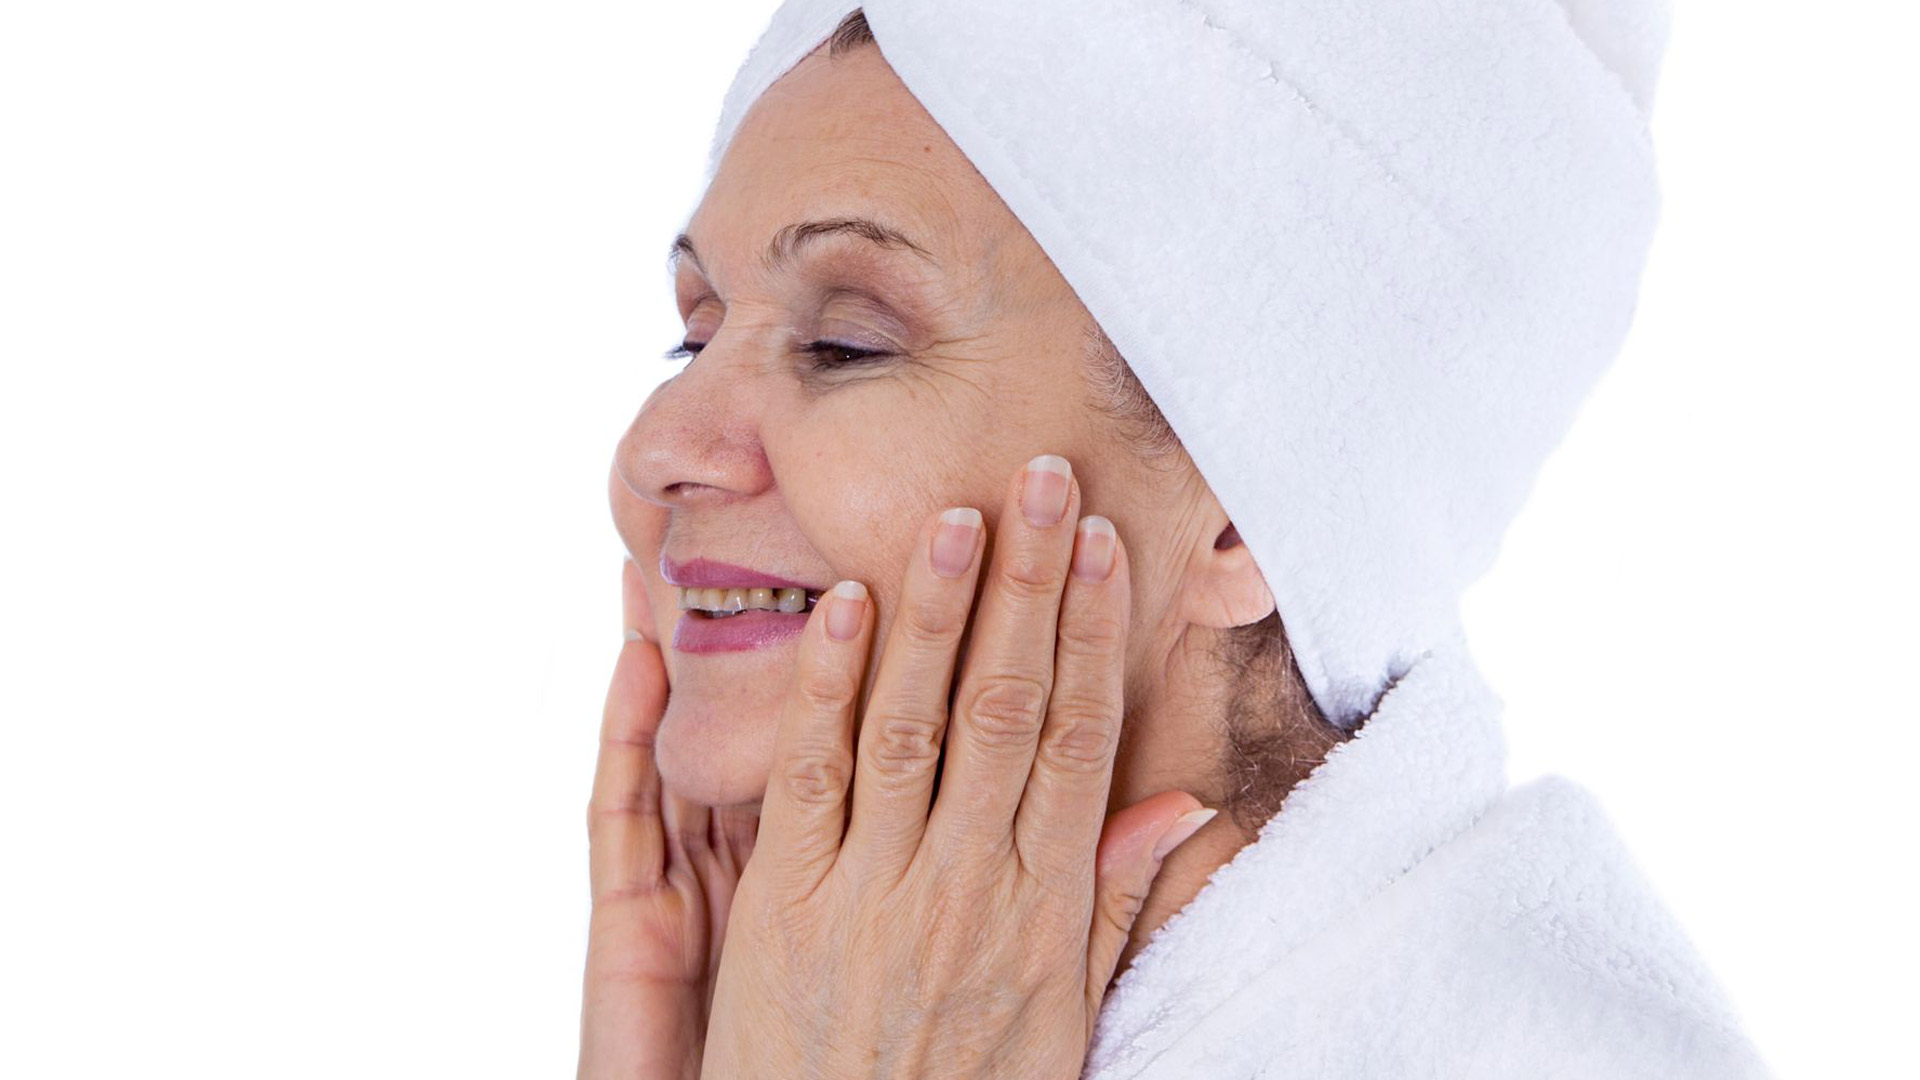 Ikääntyvässä ihossa tapahtuu monenlaisia sisäsyntyisiä asioita: iho kuivuu, ohenee ja rypistyy.